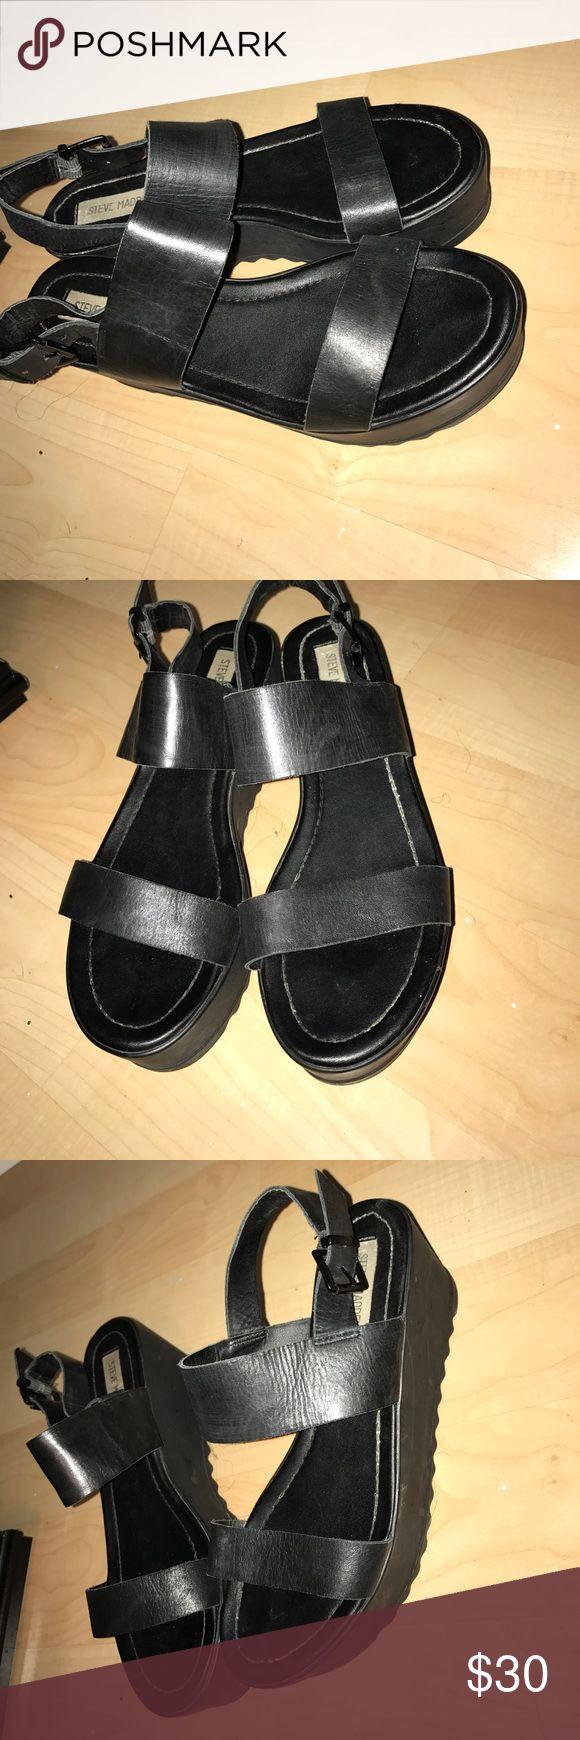 Steve Madden Platform sandals Black platform sandals Steve Madden Shoes Sandals